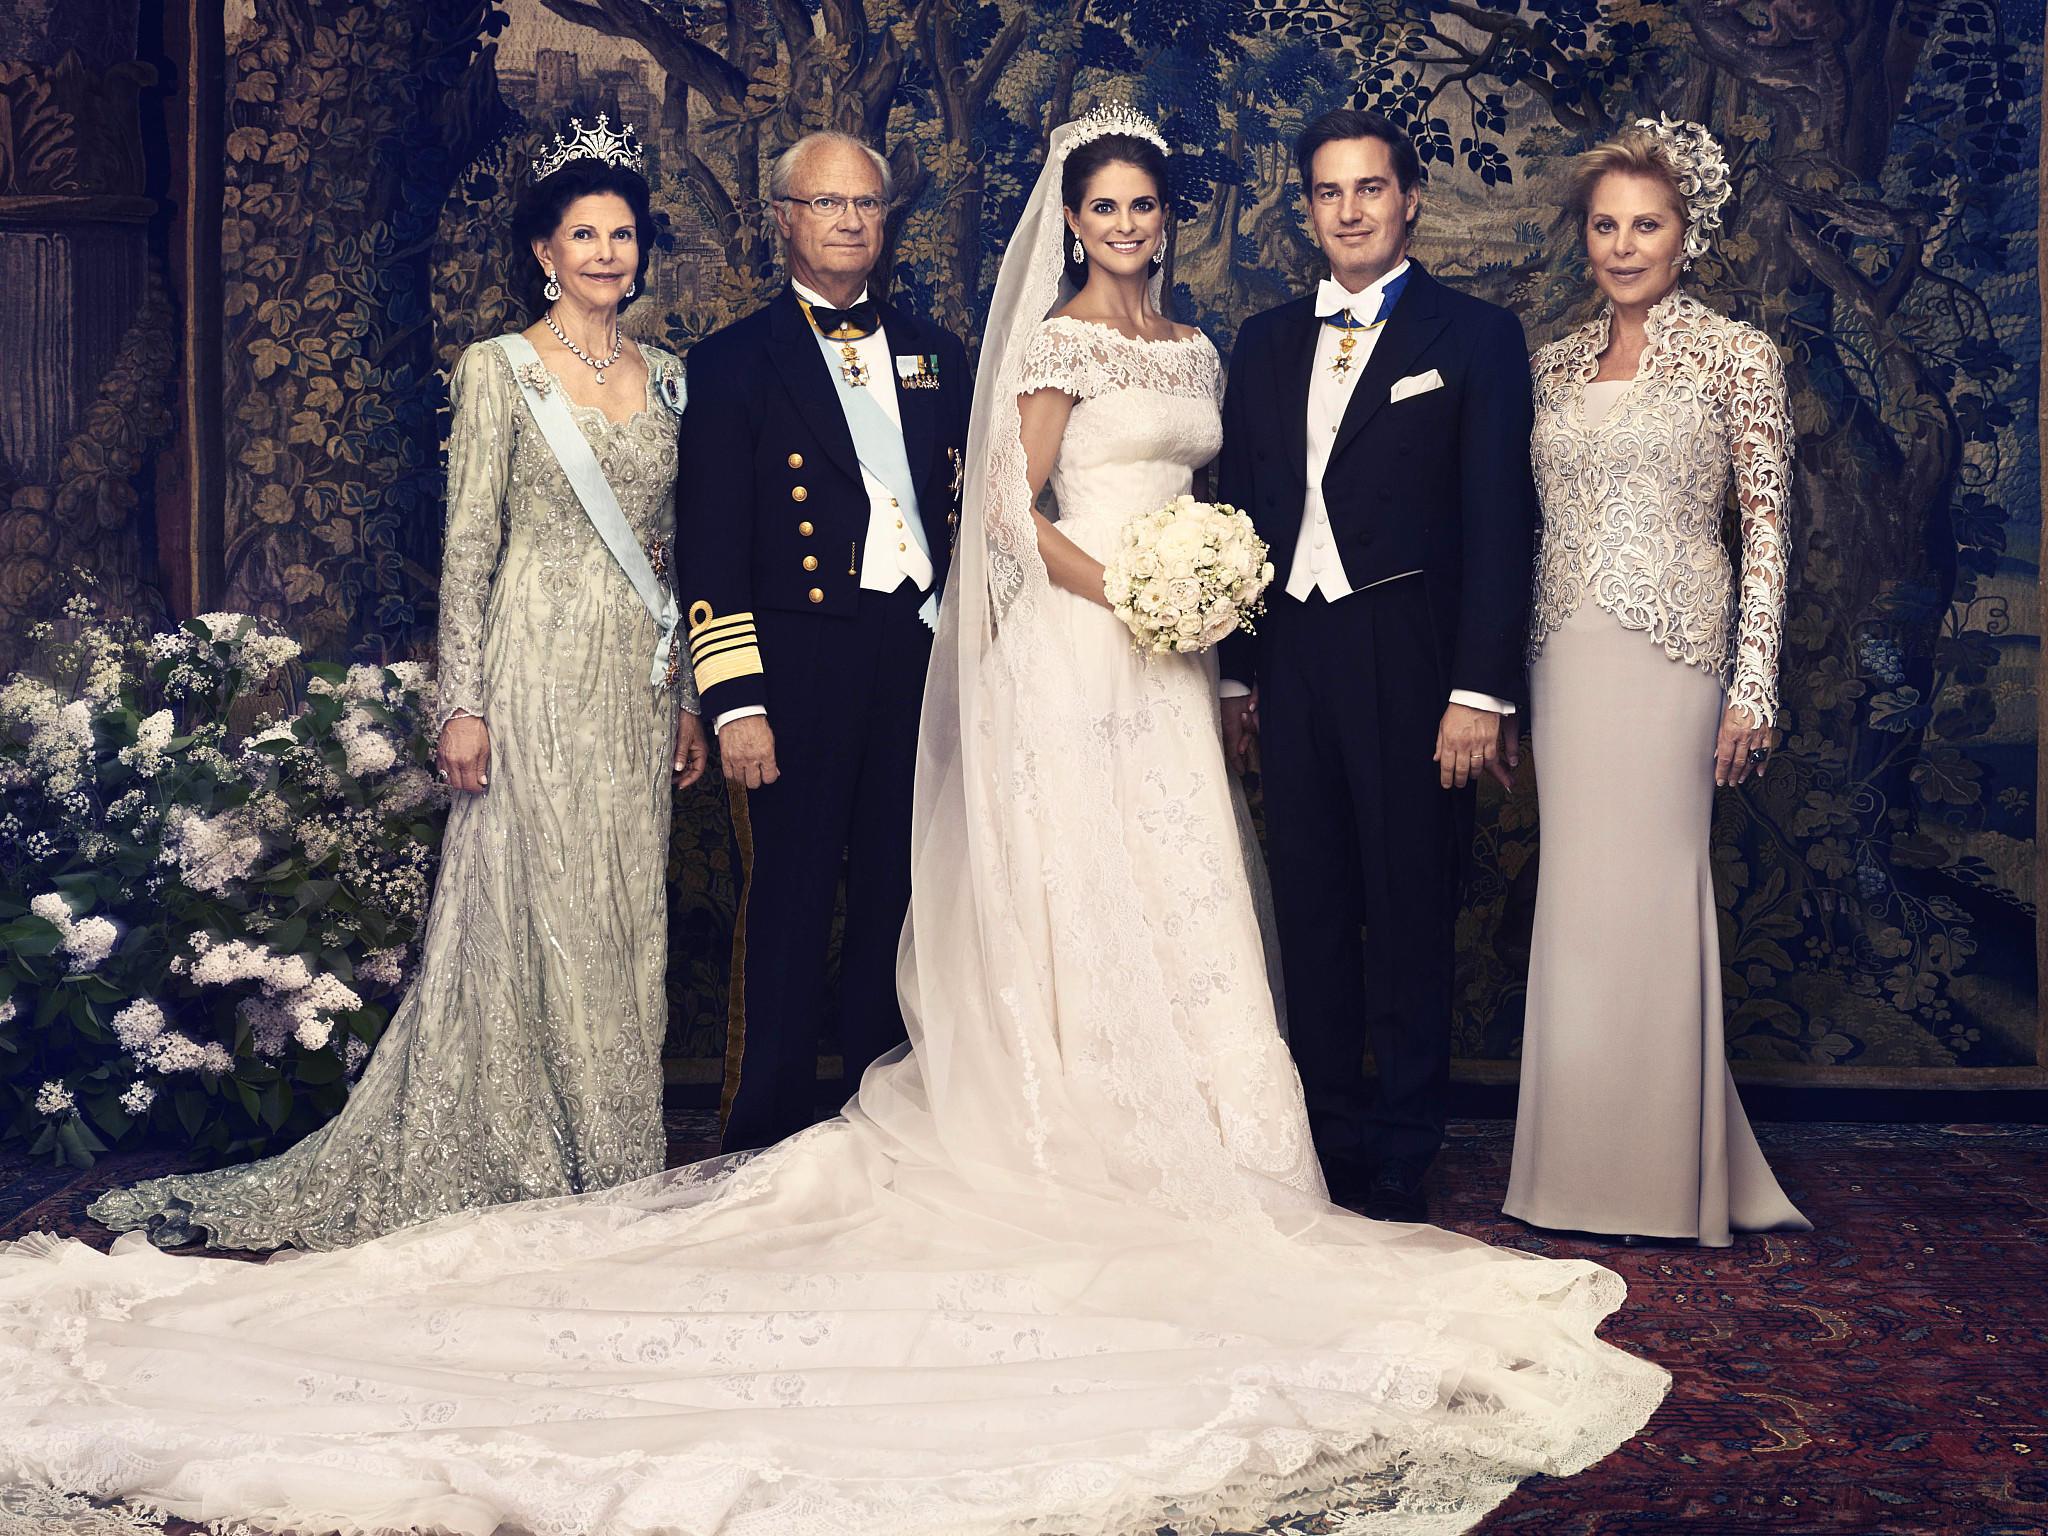 SchwedenDie Von O Chris In Und Madeleine Hochzeit Schönsten Bilder 7f6gyb